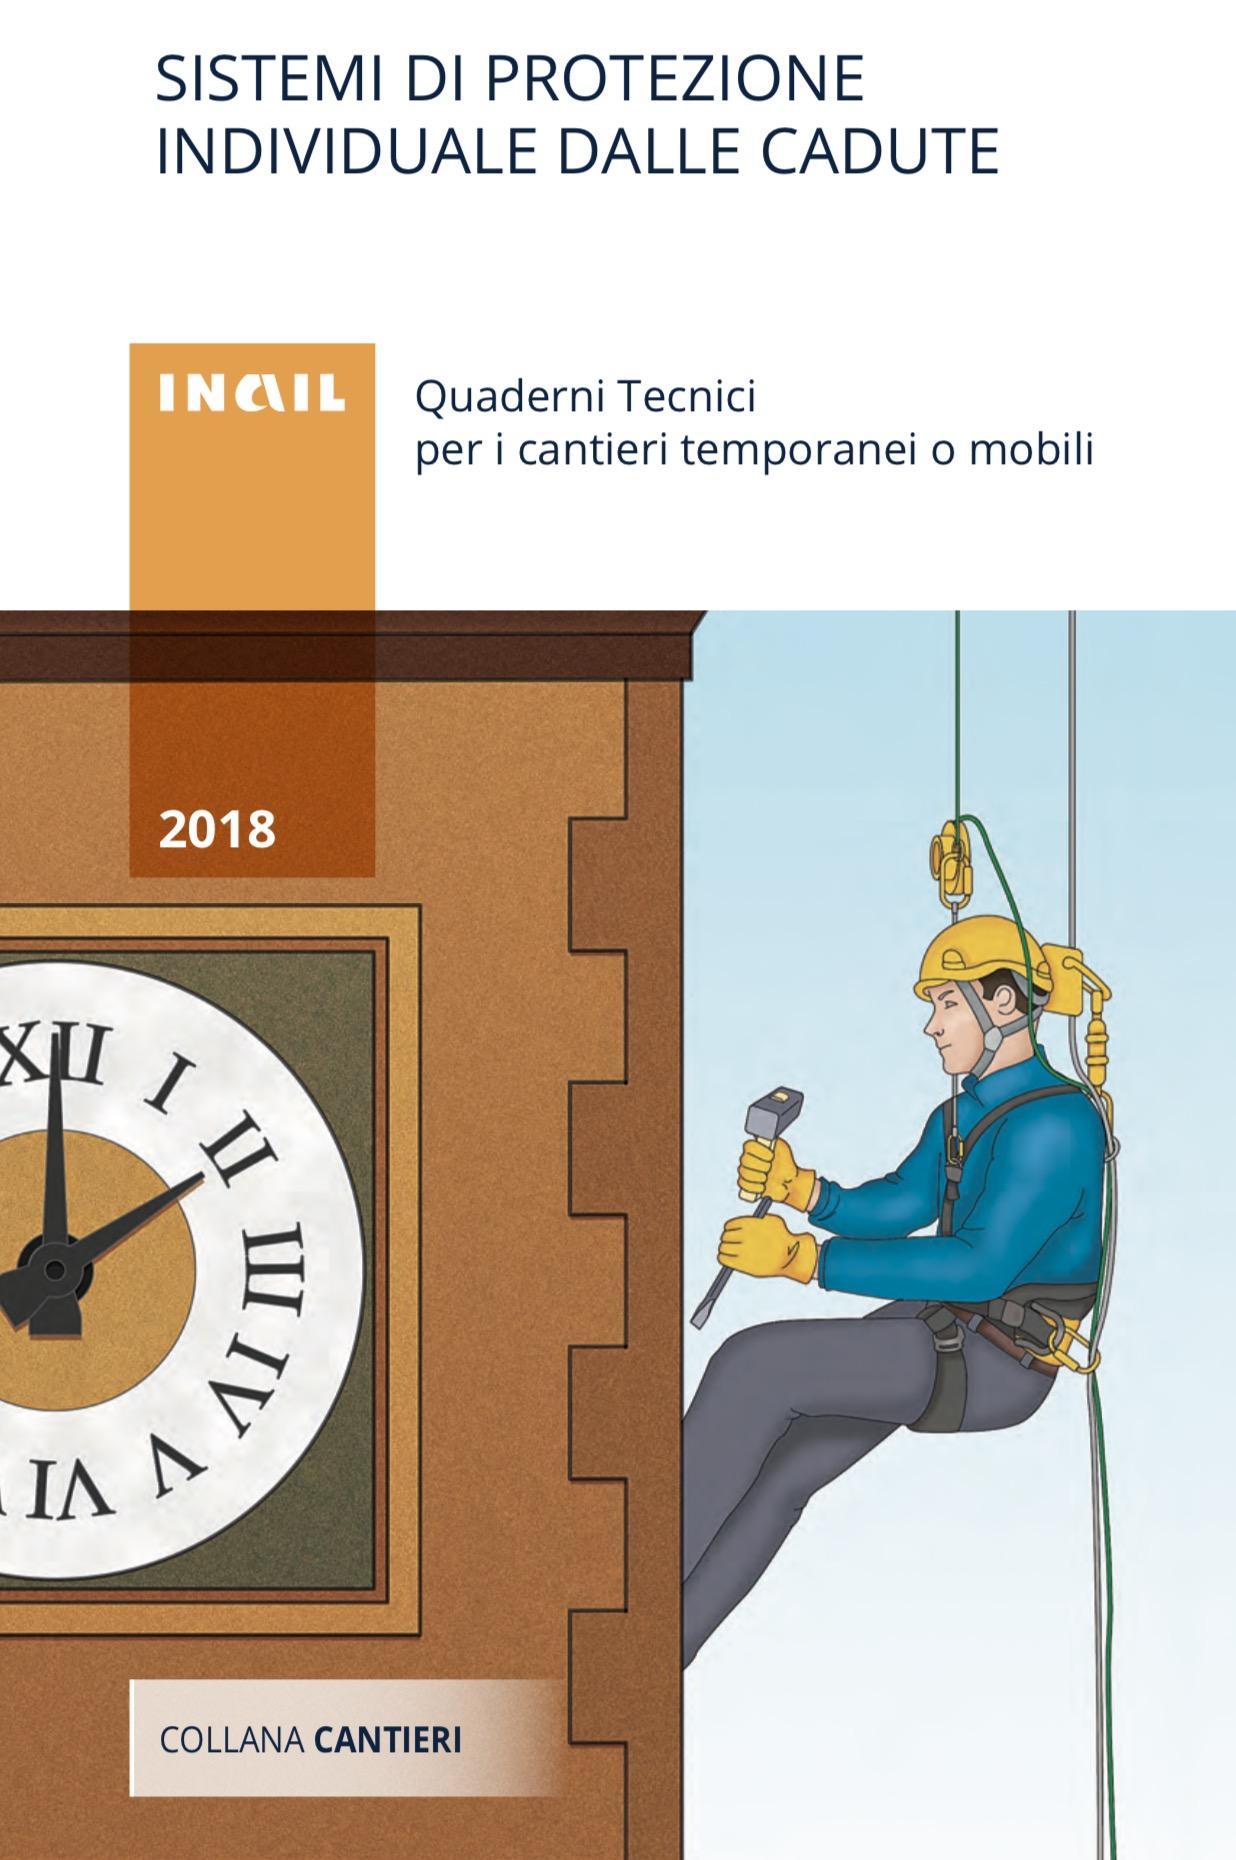 Scale e prevenzione cadute – pubblicazioni INAIL